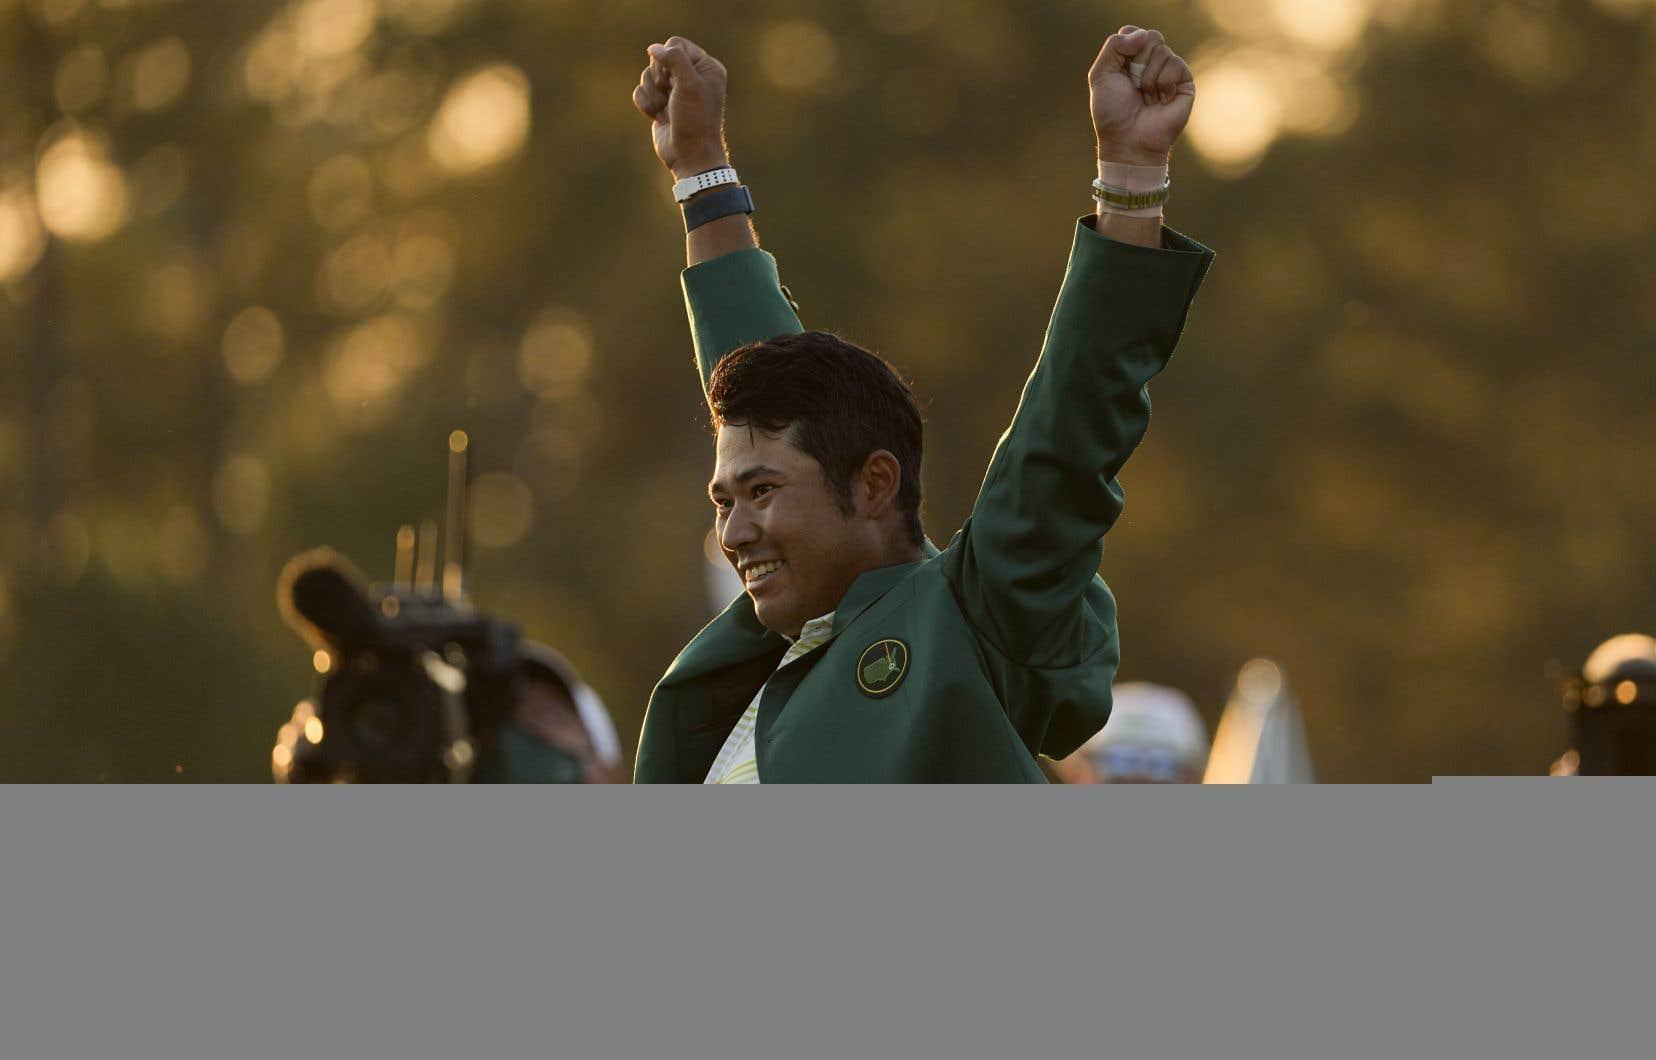 Le Japonais Hideki Matsuyama revêt la veste verte du champion après avoir remporté le tournoi de golf Masters dimanche, à Augusta en Géorgie.